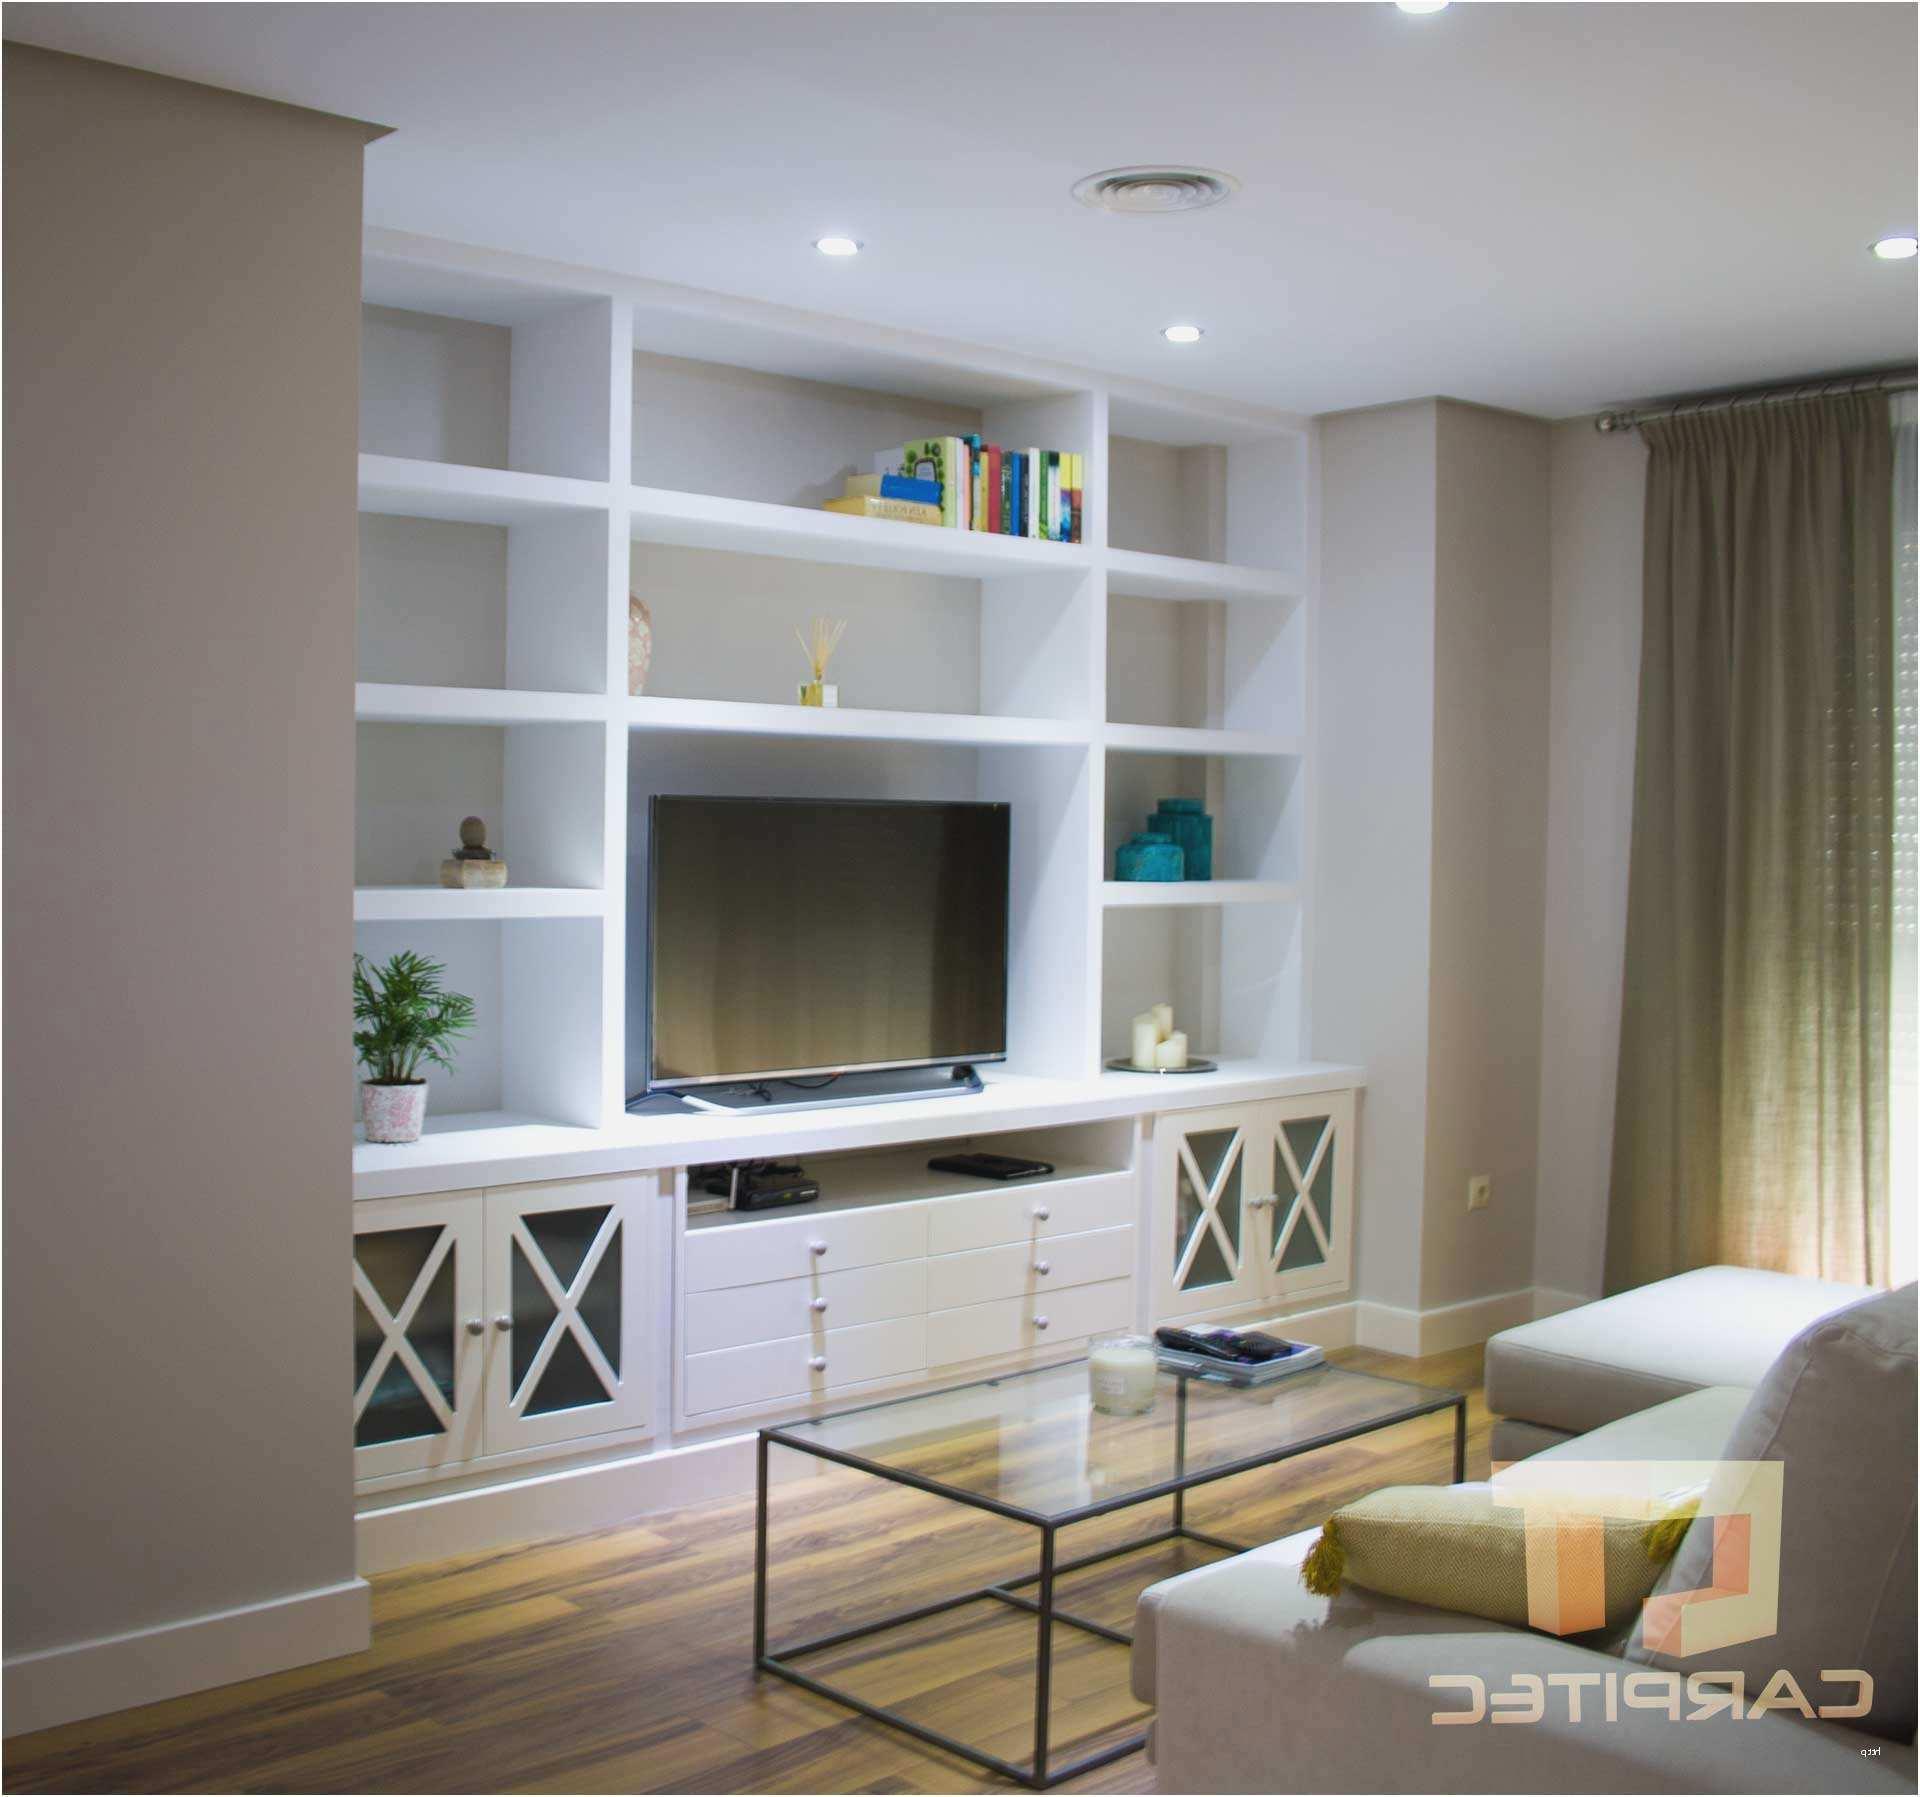 Muebles De Obra Para Salon Dddy La Increà Ble E Hermosa Muebles De Obra Para Salon Con Respecto A